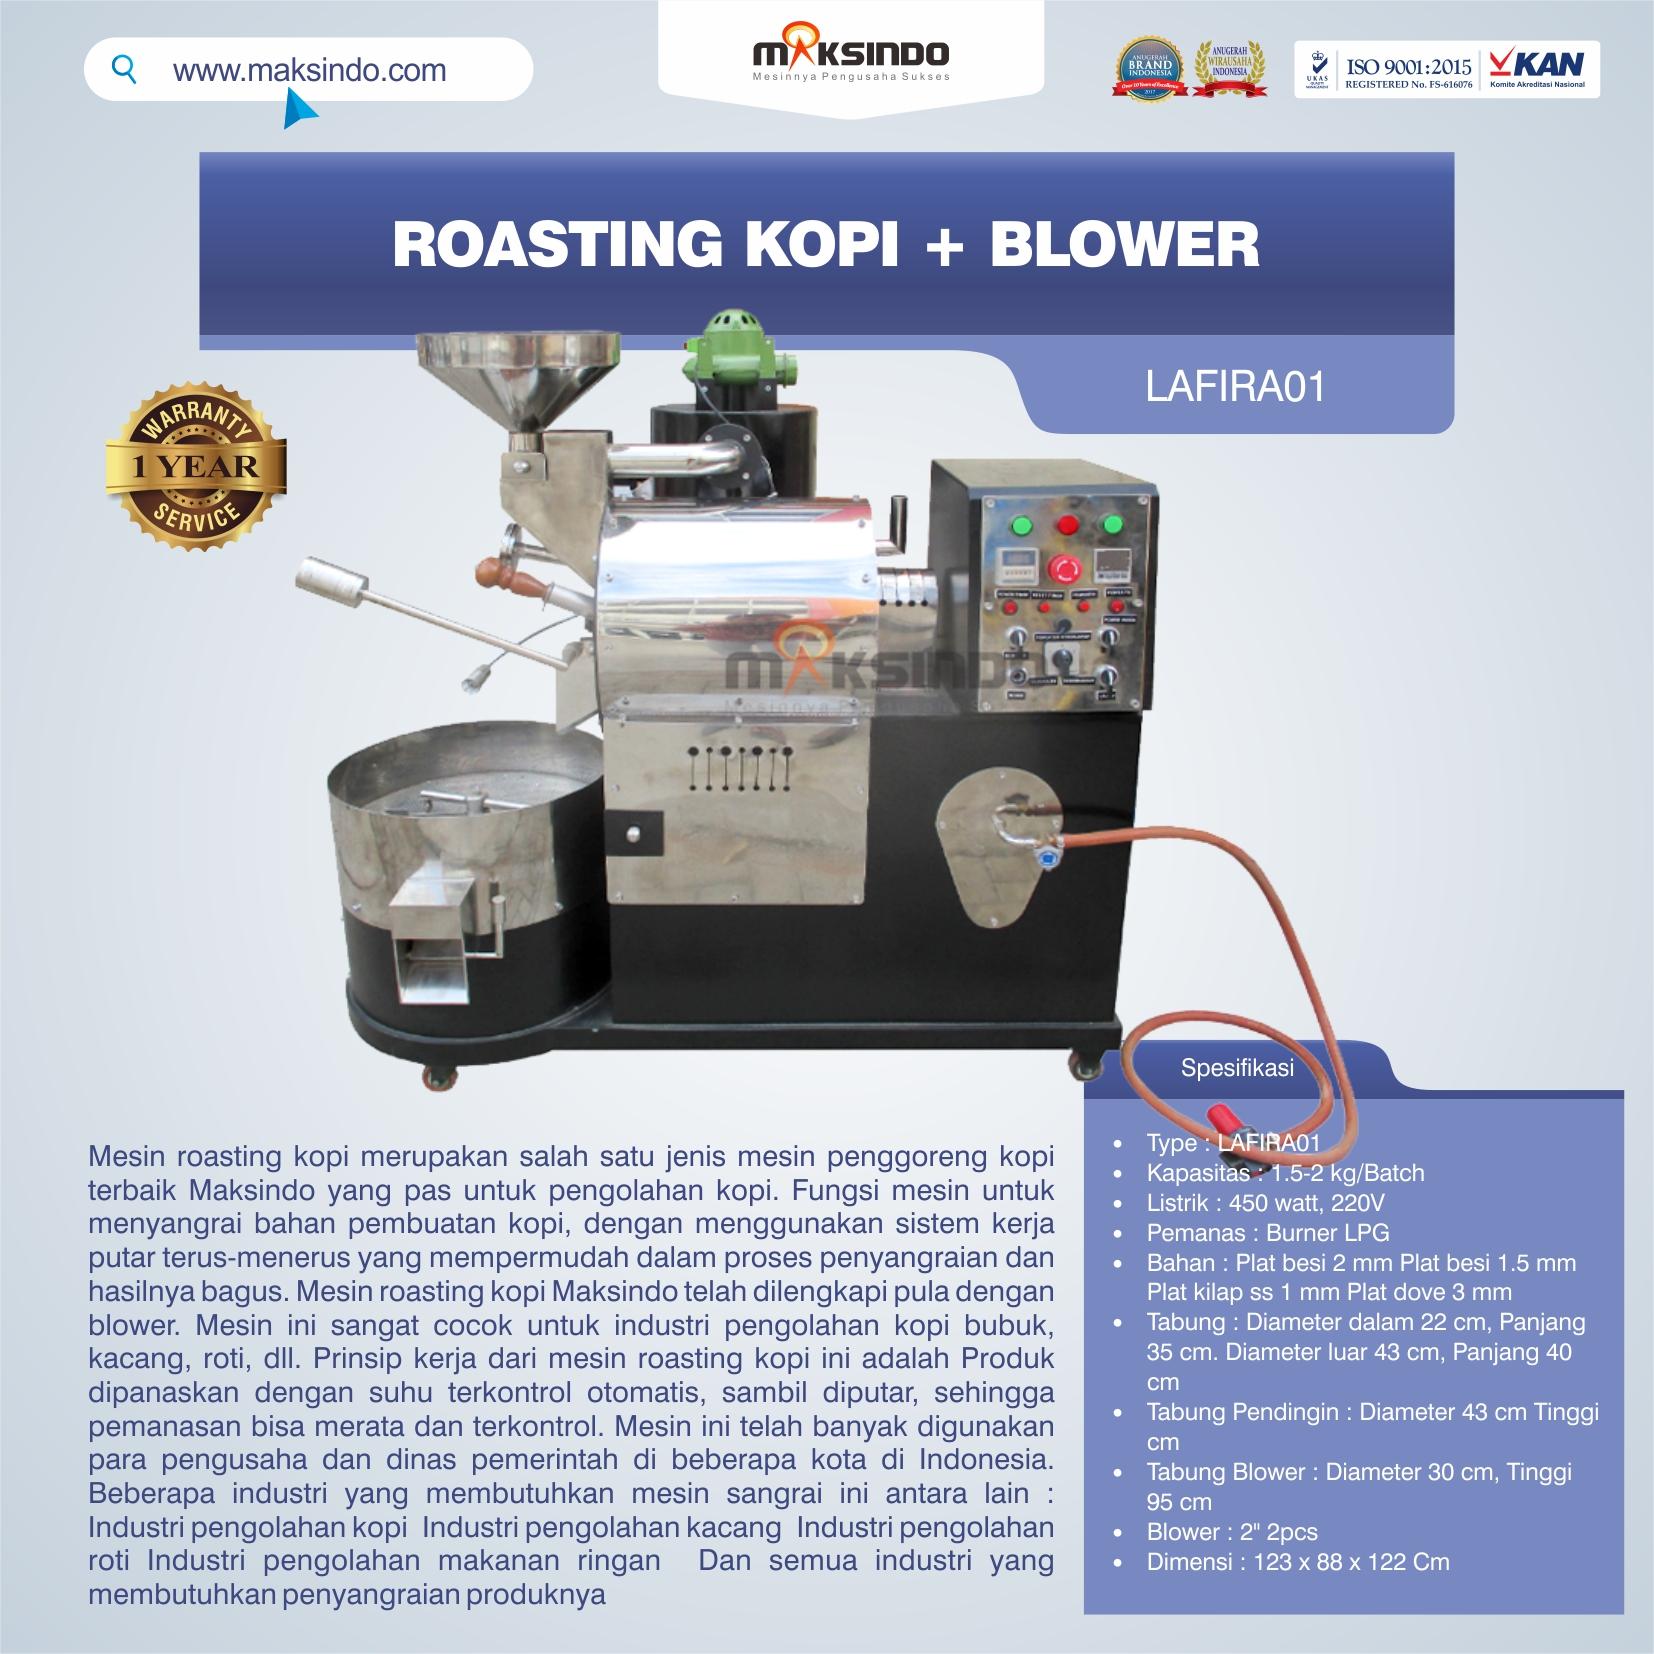 Jual Roasting Kopi + Blower LAFIRA01 di Bali